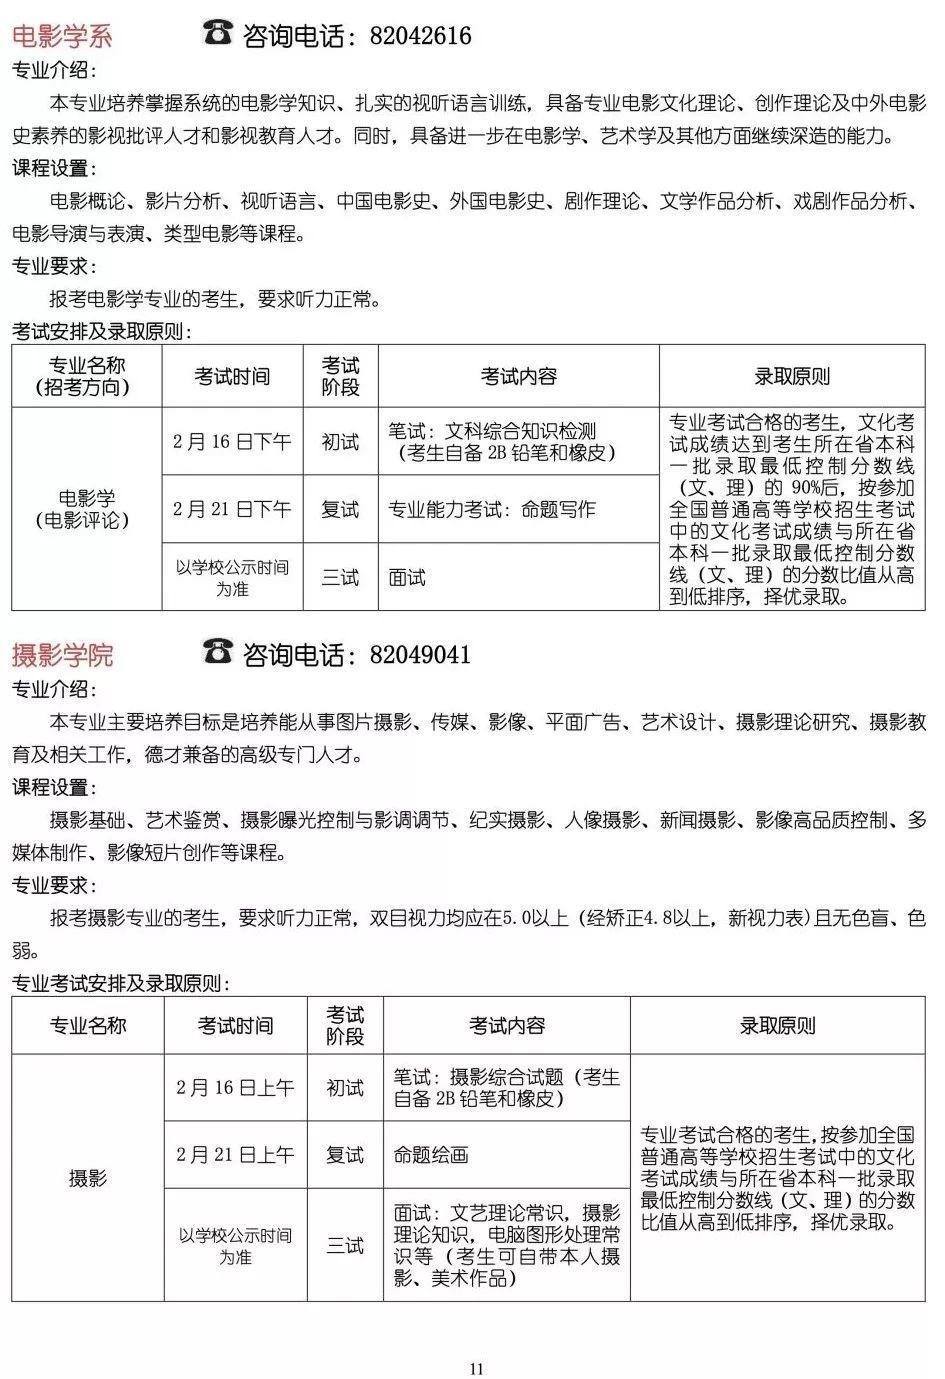 中国传媒大学,北京电影学院,中央戏剧学院,北京巅峰广艺画室       25